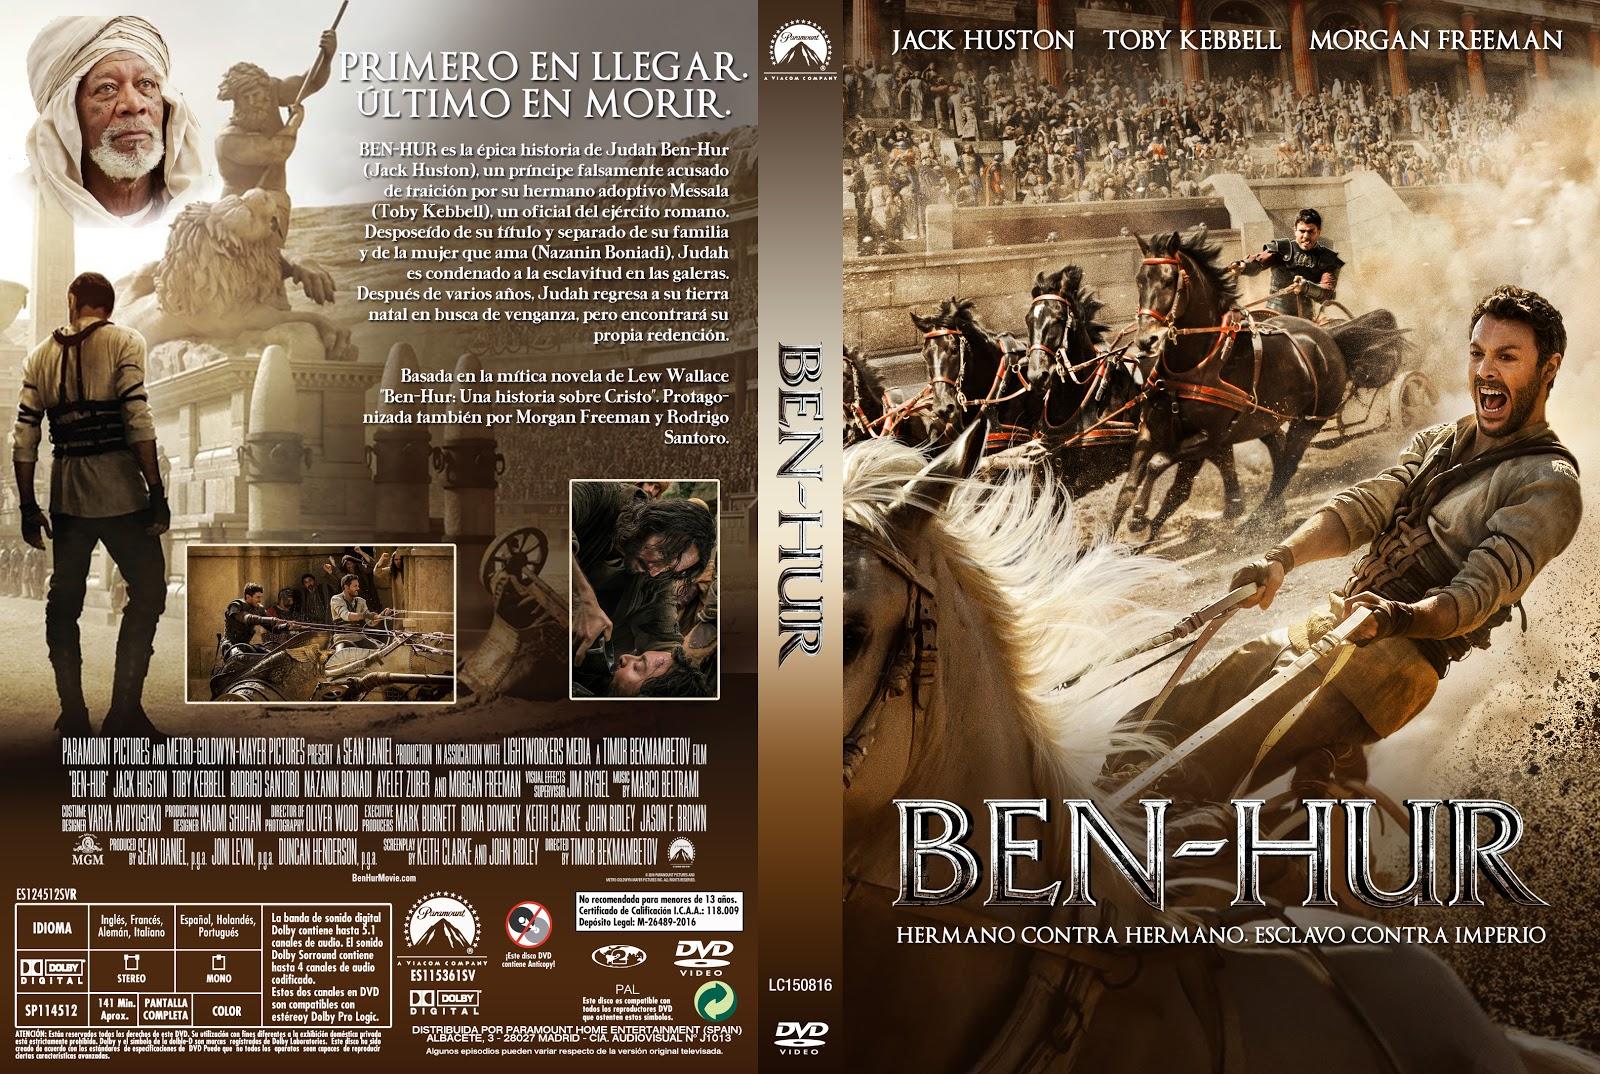 Download Ben-Hur DVD-R BEN HUR 2B 25282016 2529 2BXANDAODOWNLOAD